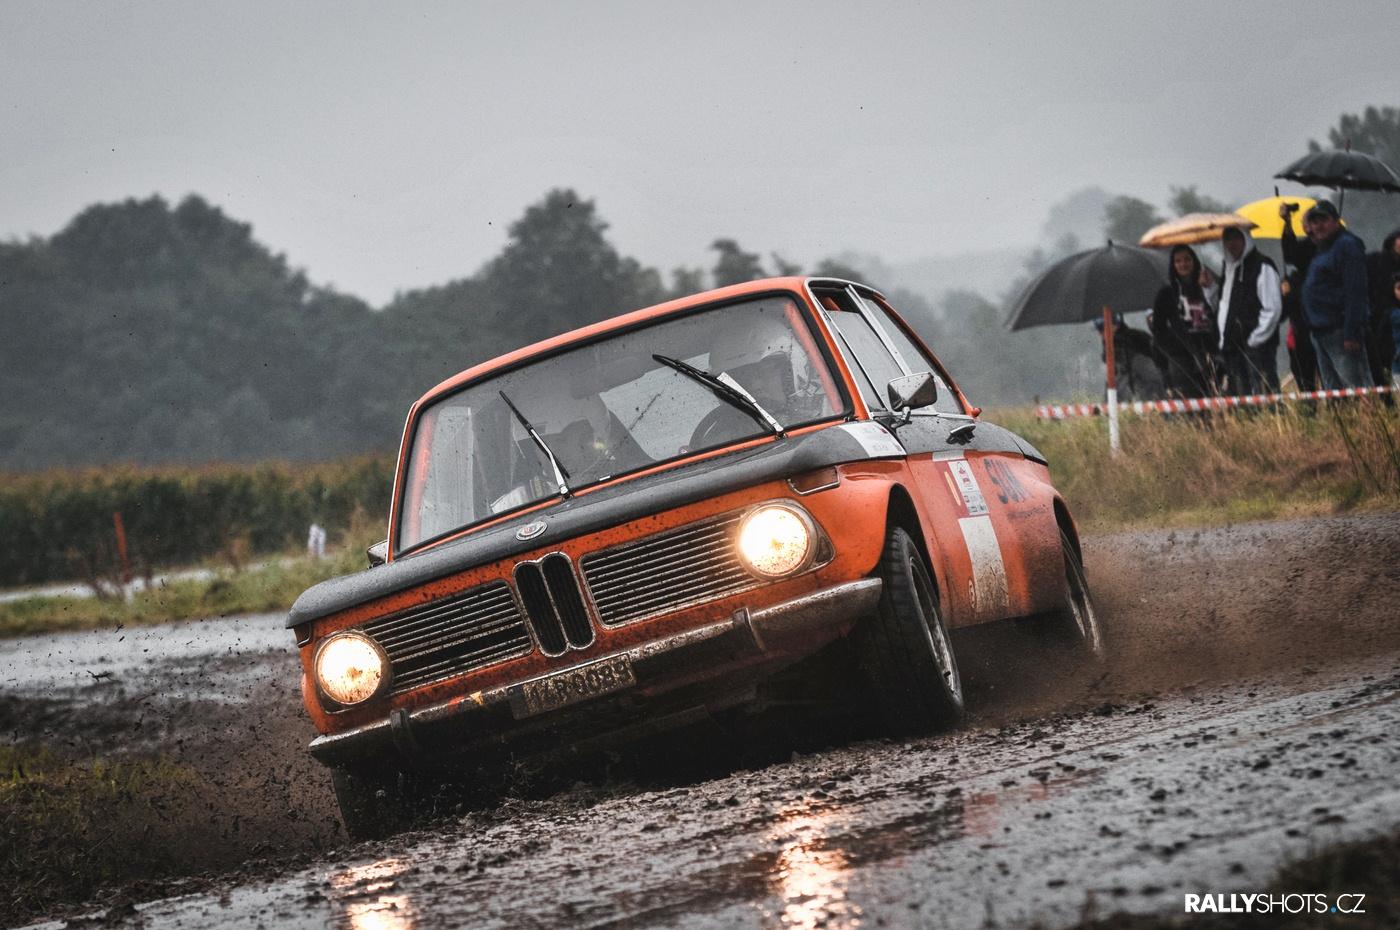 Rallye Kroměříž 2019 Michal Sum